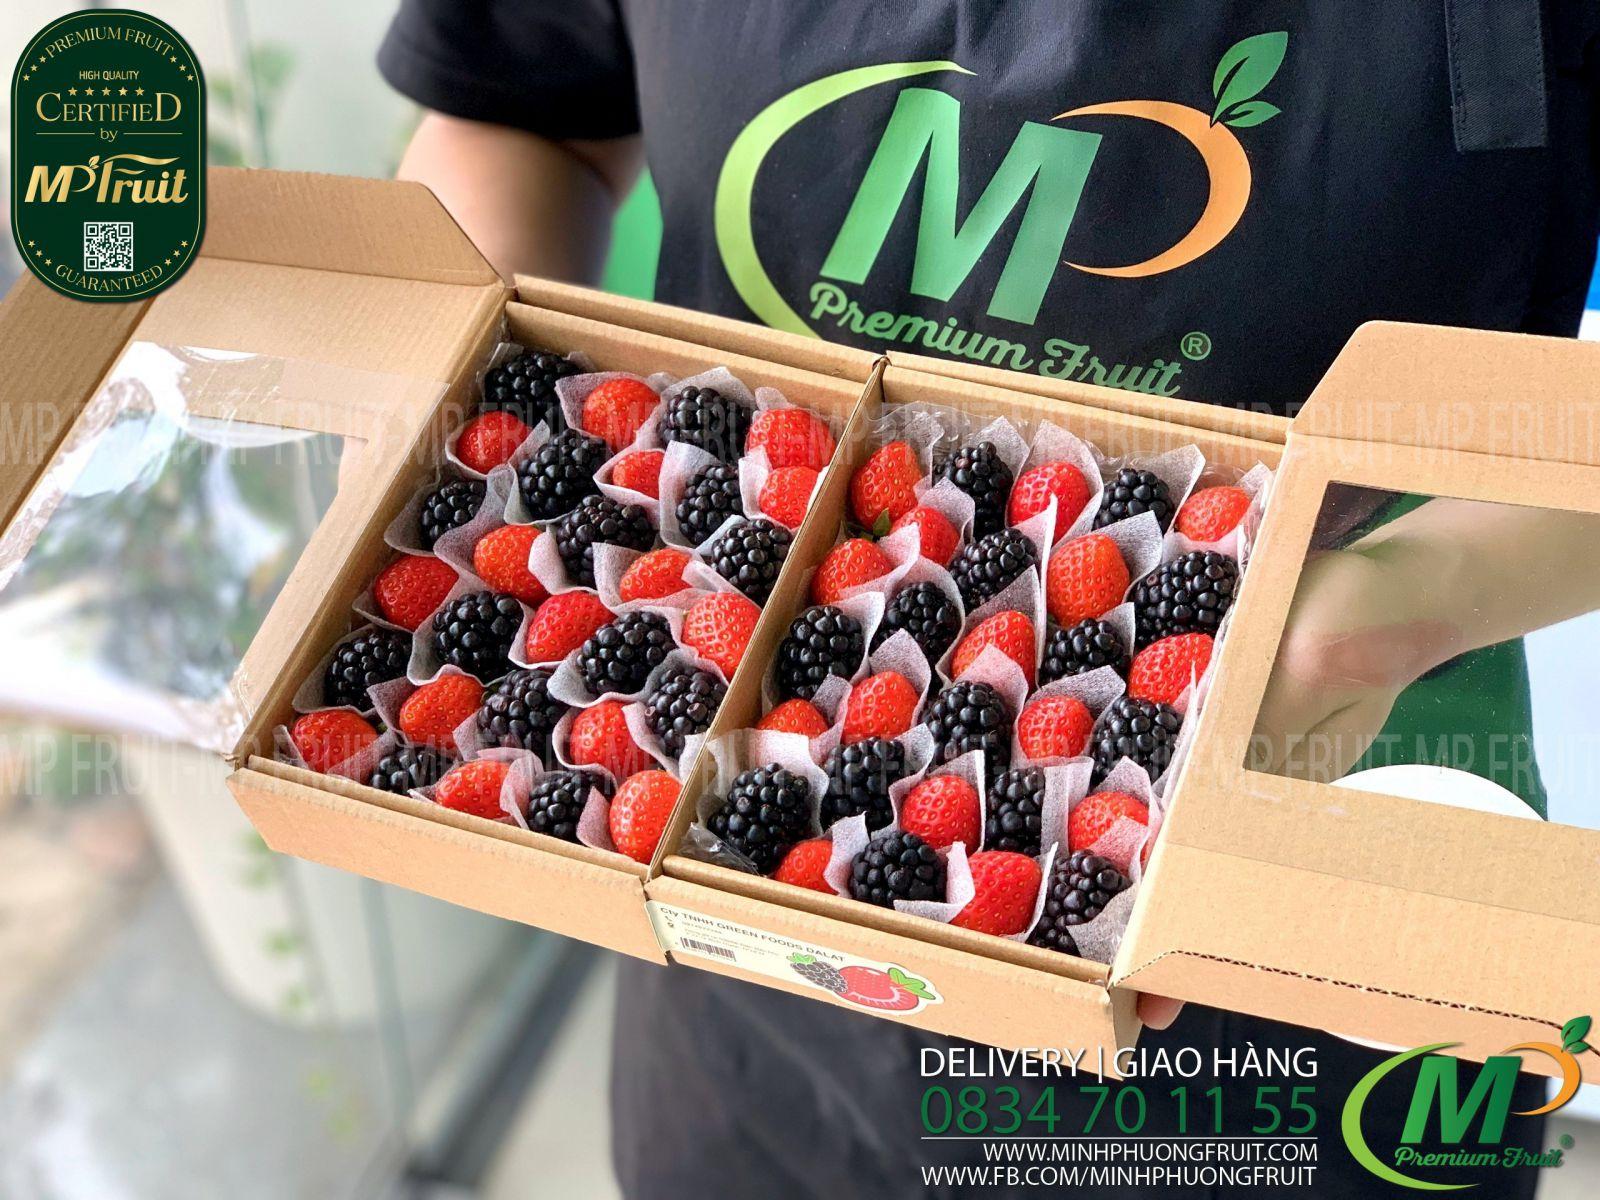 Dâu Tây Nhật Mix Mâm Xôi Đen Pháp Hộp 250g tại MP Fruits